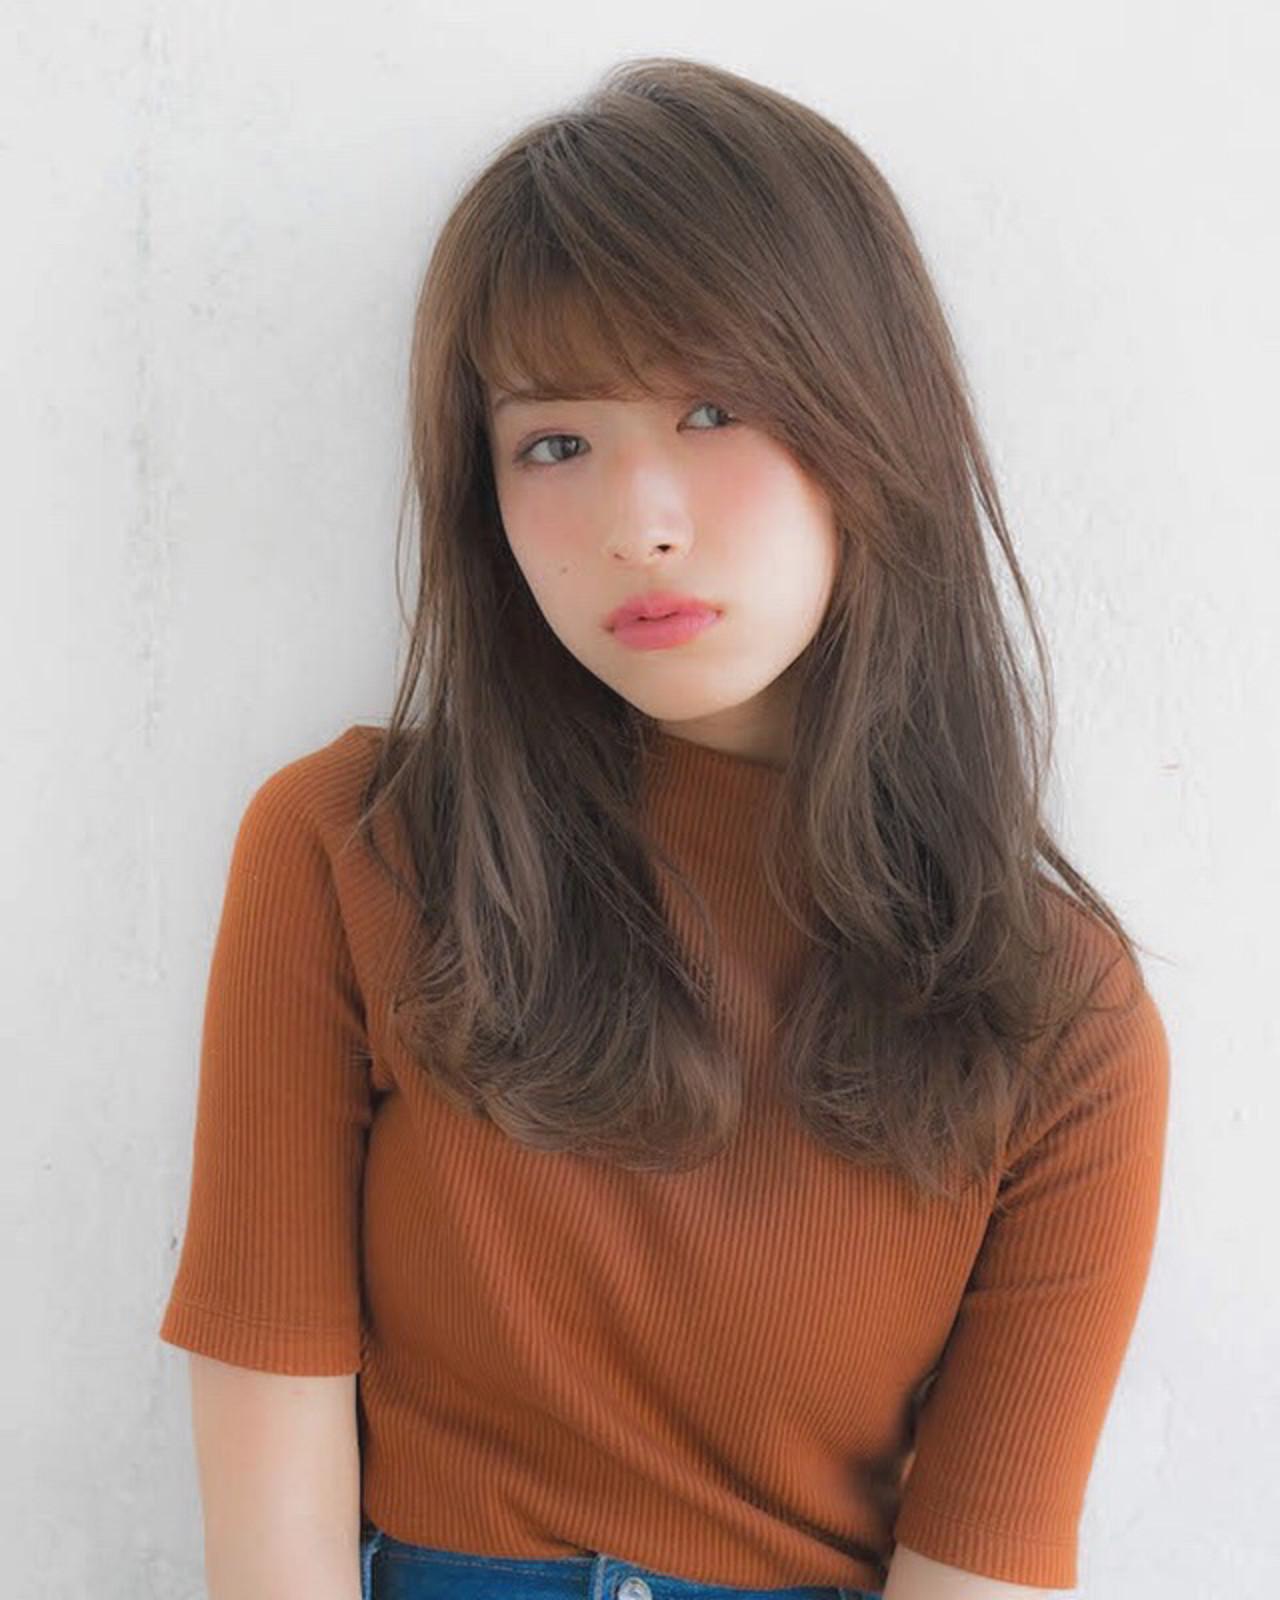 流し前髪で大人っぽく 竹澤 優/relian銀座Top stylist